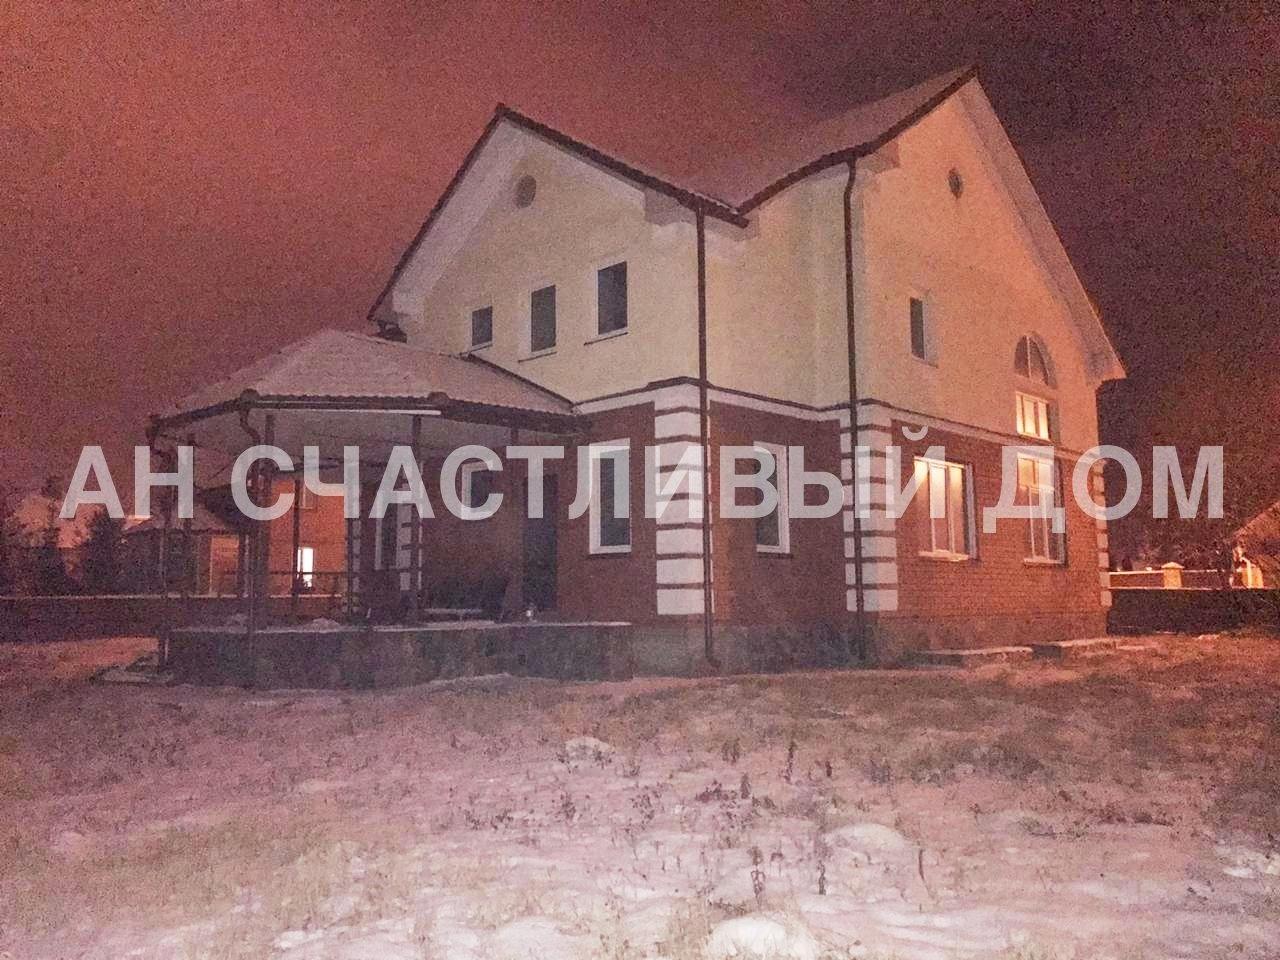 Продажа  дома Республика Татарстан, Дубровка п., Кленовая ул., д.3